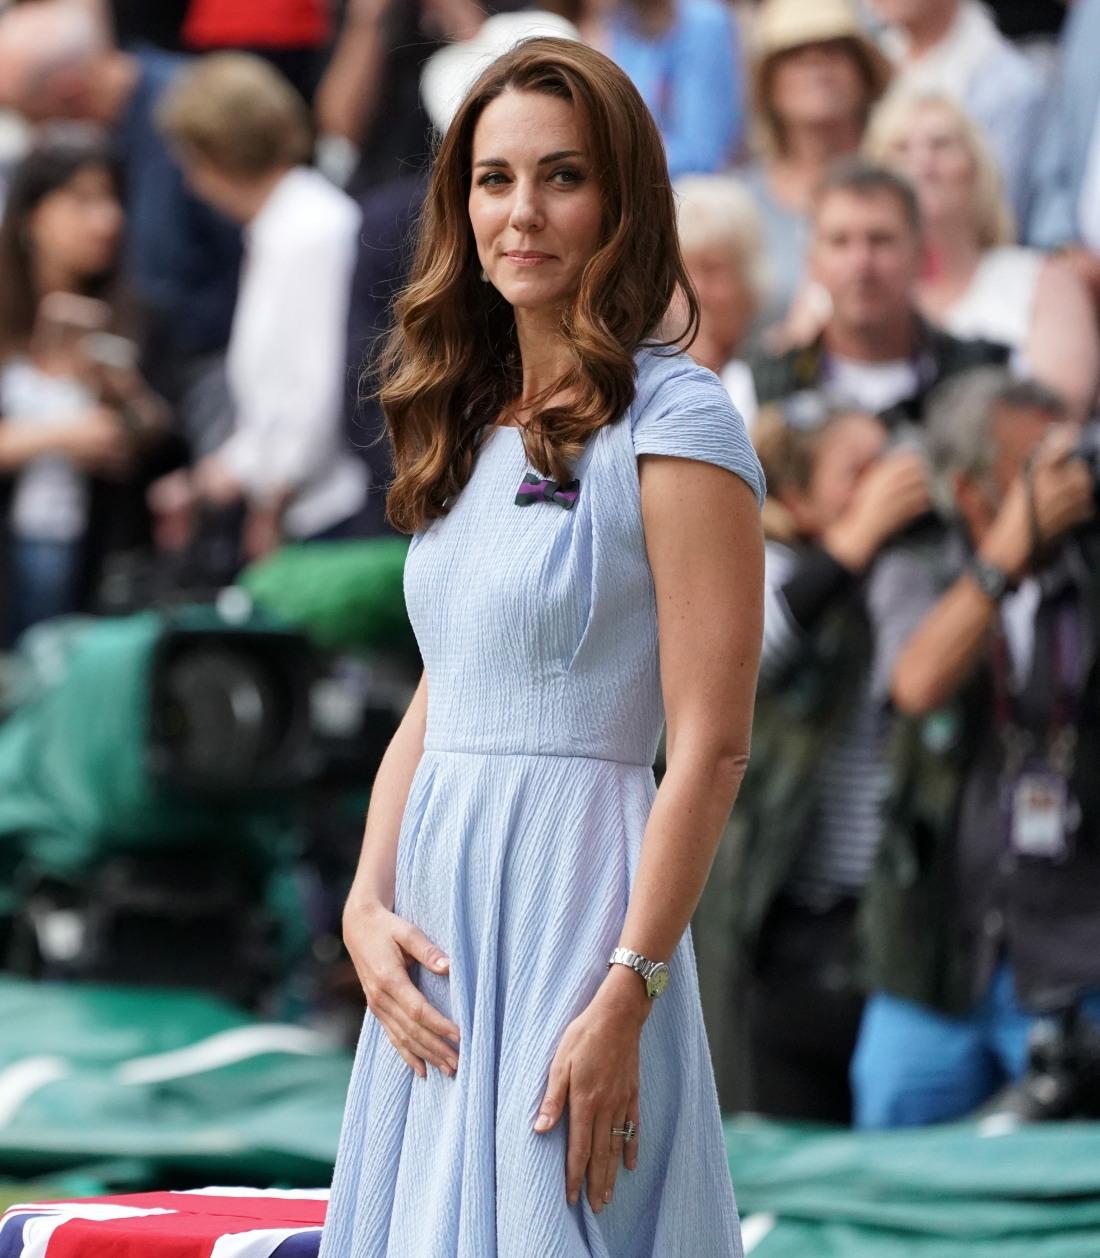 Catherine, duchessa di Cambridge, è accompagnata dal principe Edward, duca di Kent, mentre cammina verso il Center Court per presentare il trofeo maschile di Wimbledon. Londra, Regno Unito - 14 luglio 2019.